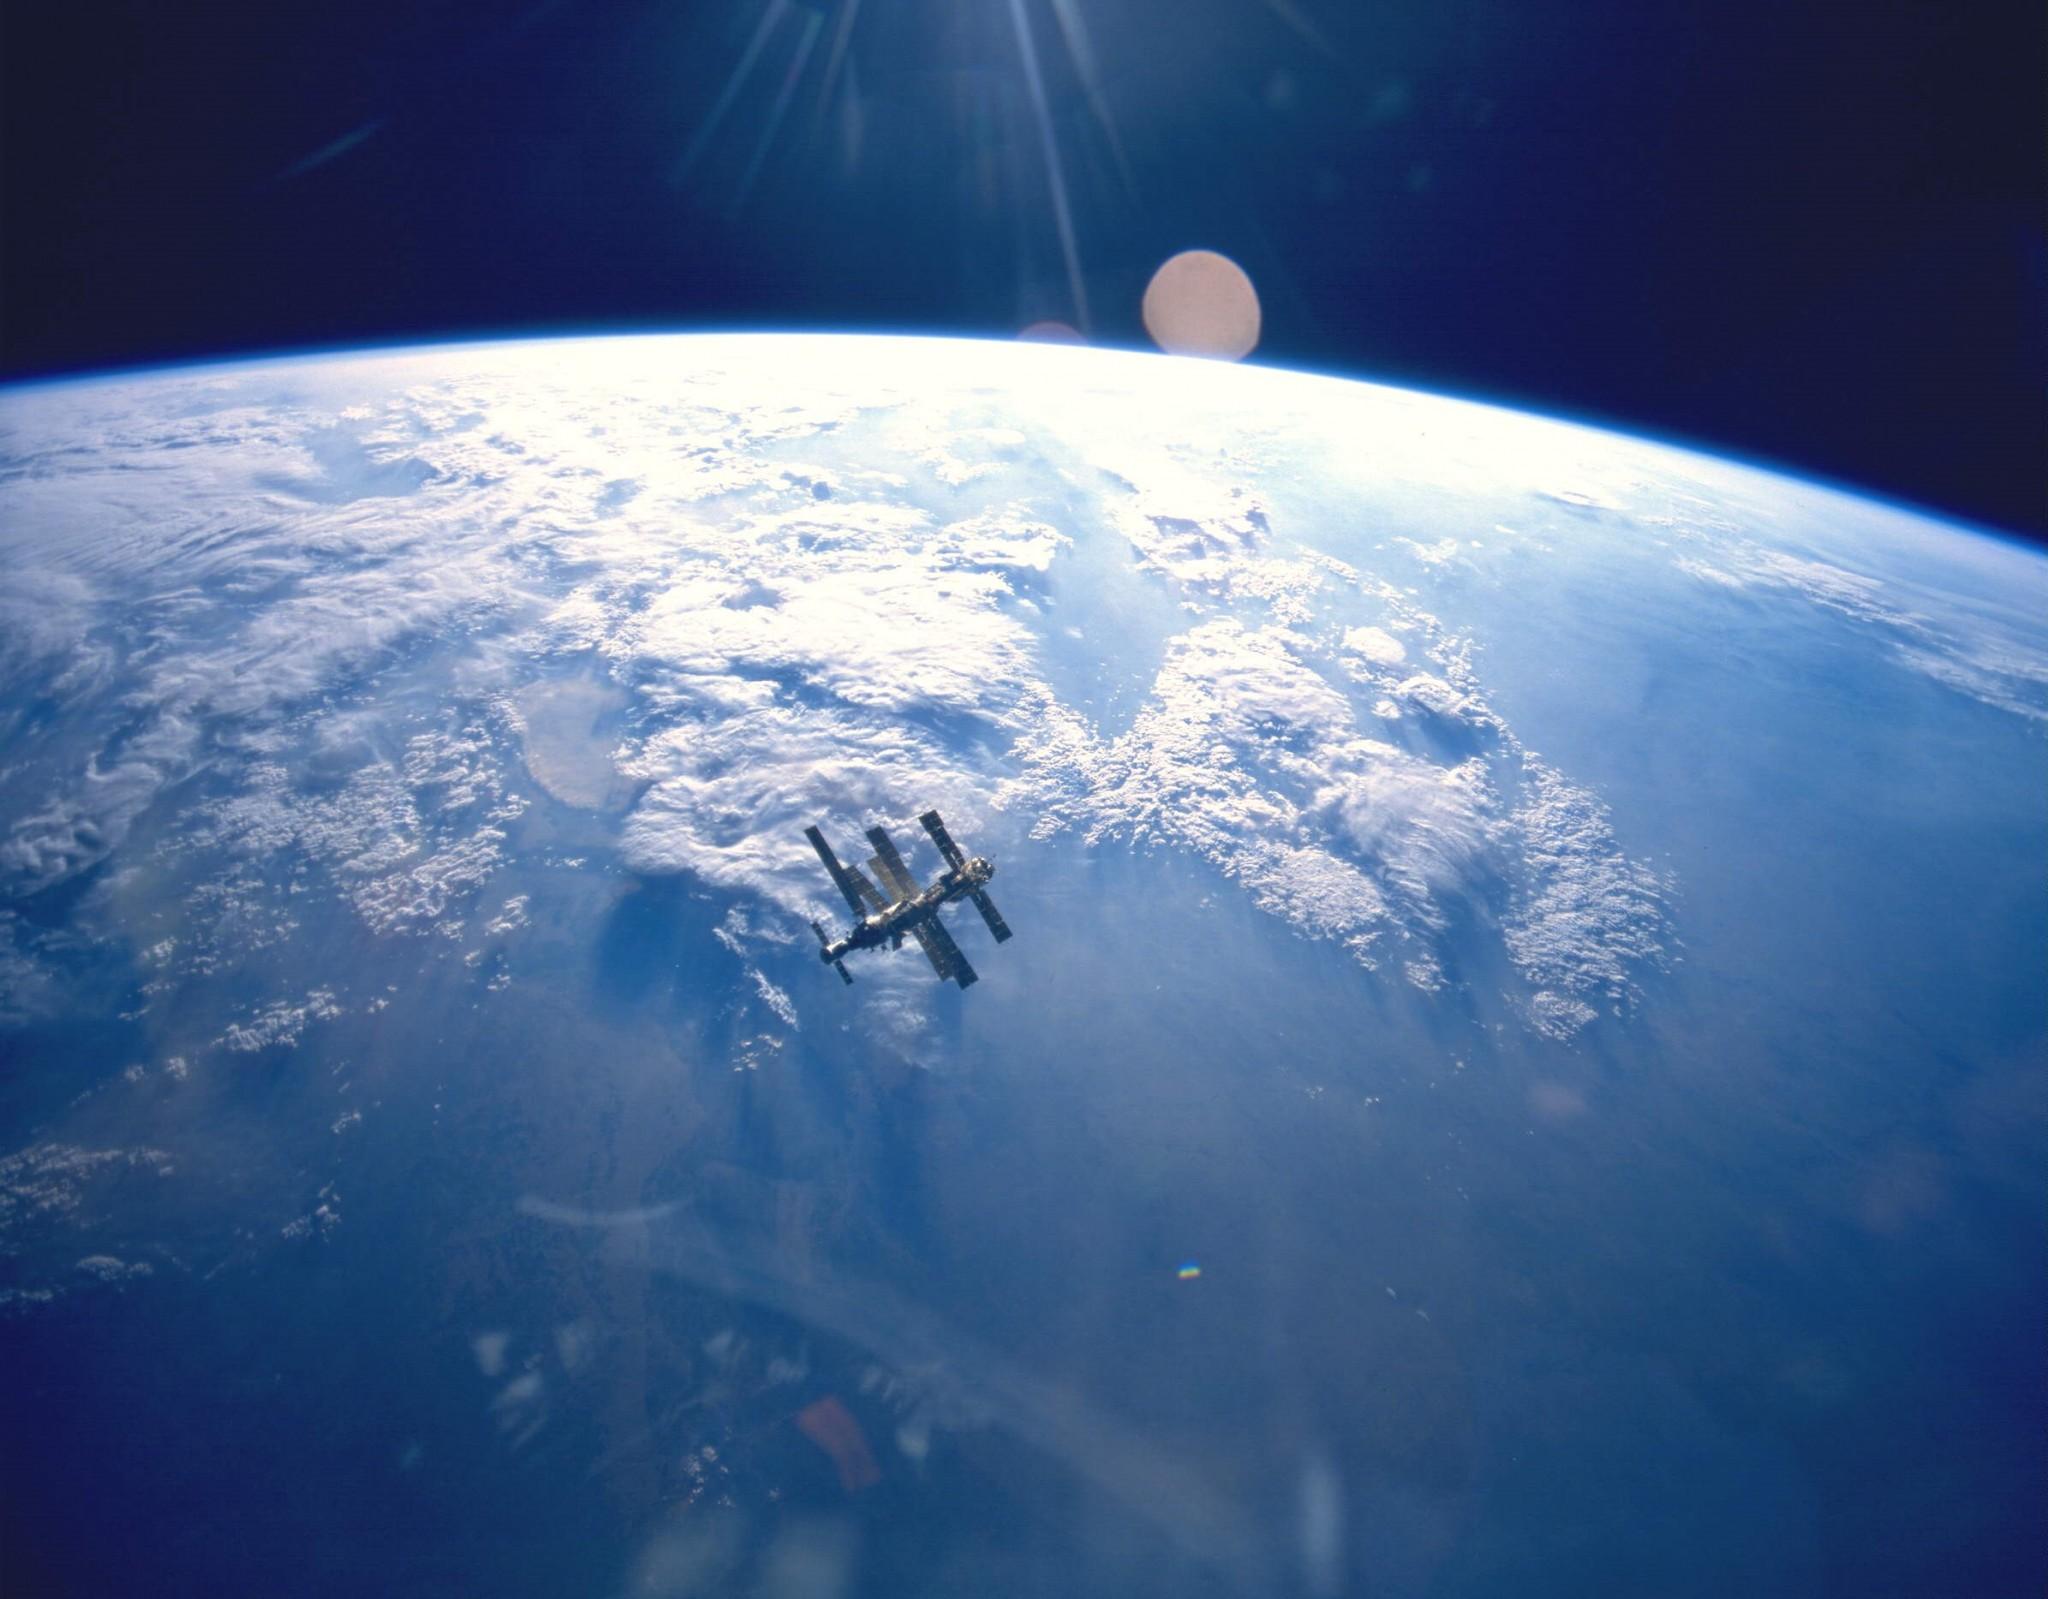 Полученное из космоса изображение Земли и космической станции «Мир». Фото: НАСА.